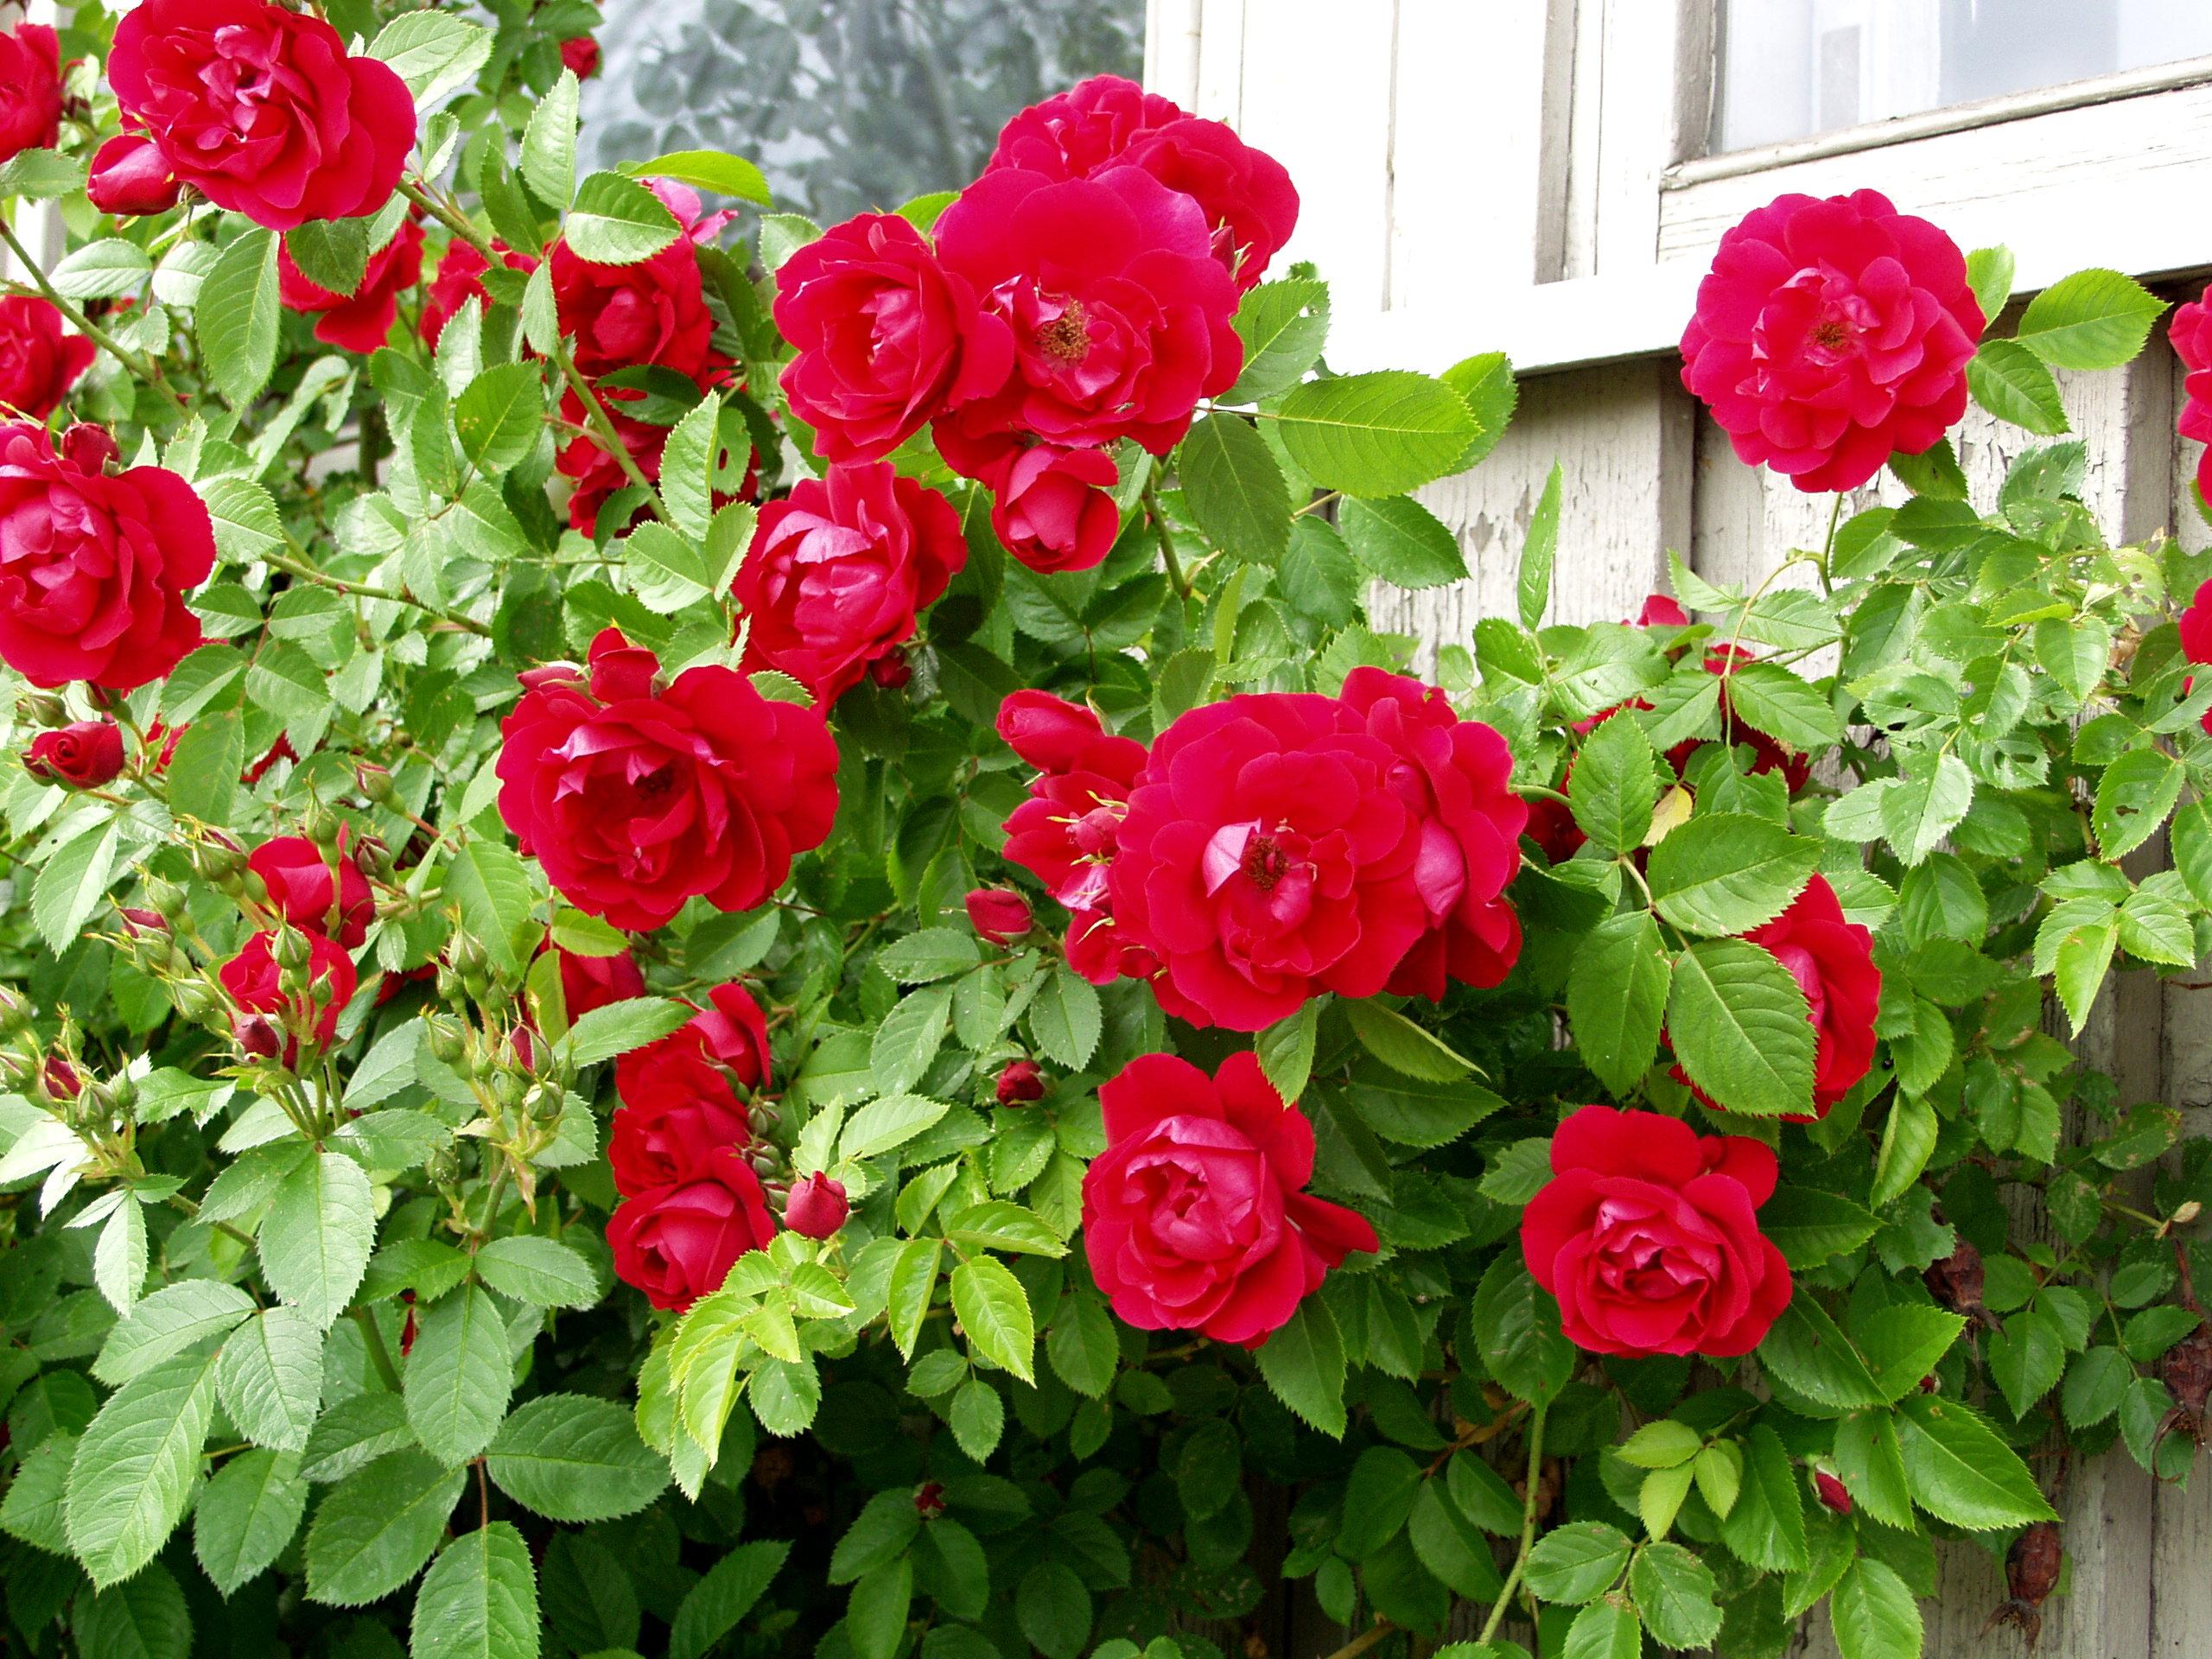 Kuva Ella Räty 16.6.2002 Hki Bot